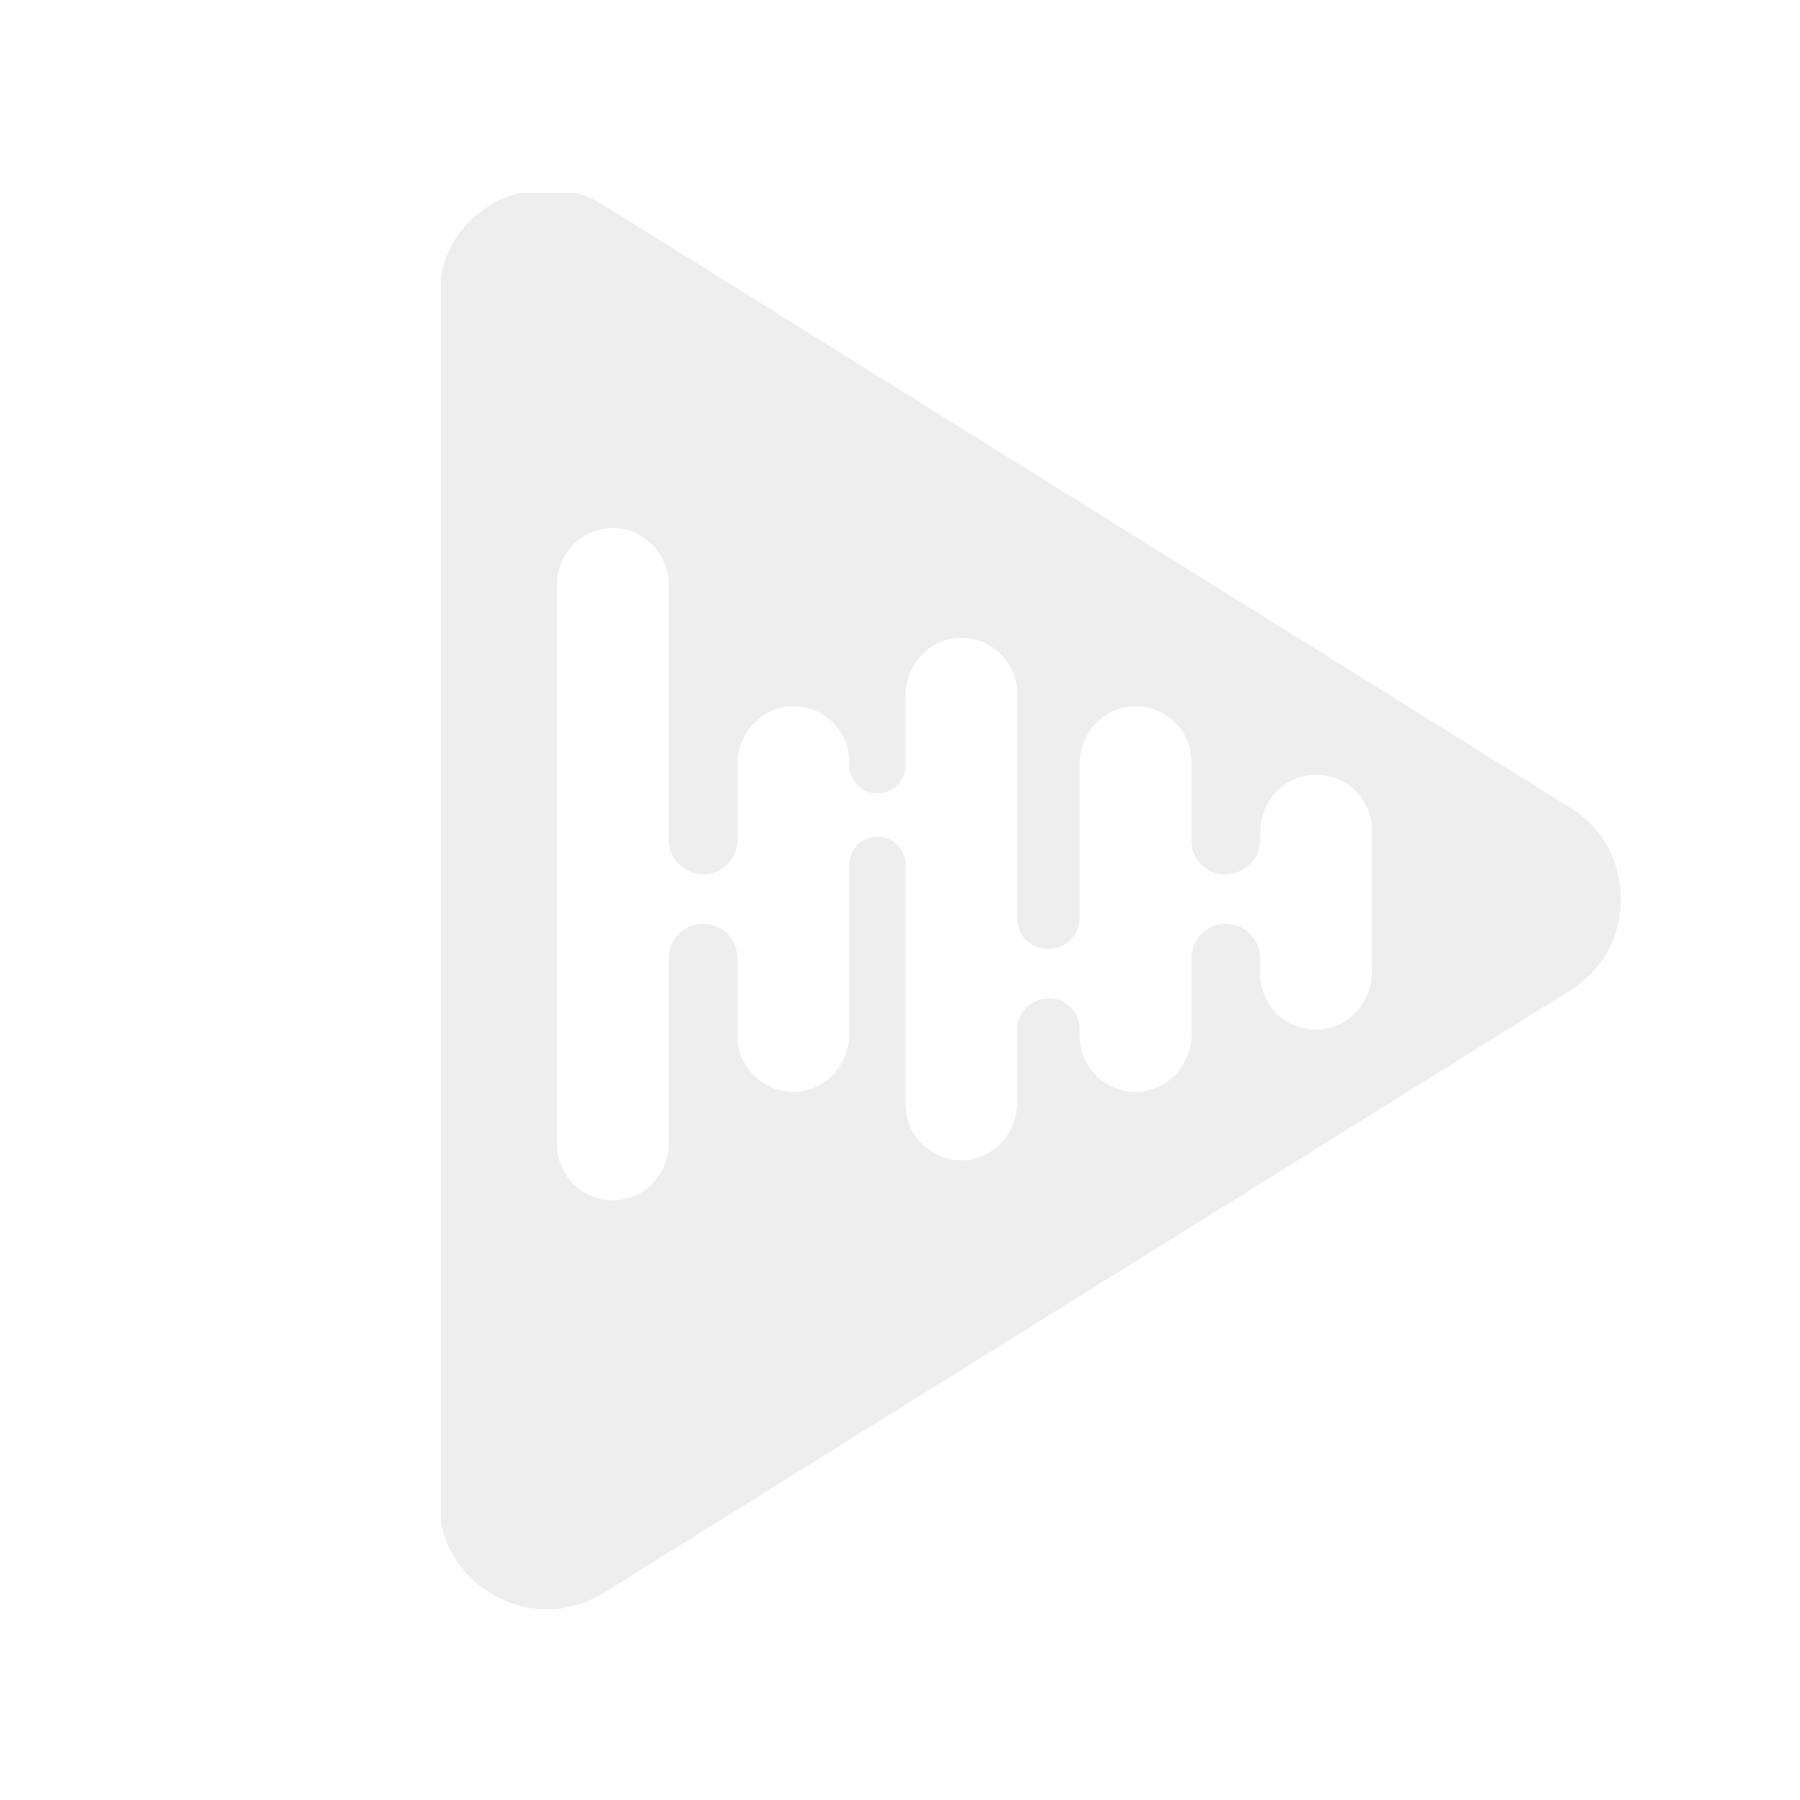 Hertz MLG 1600.2